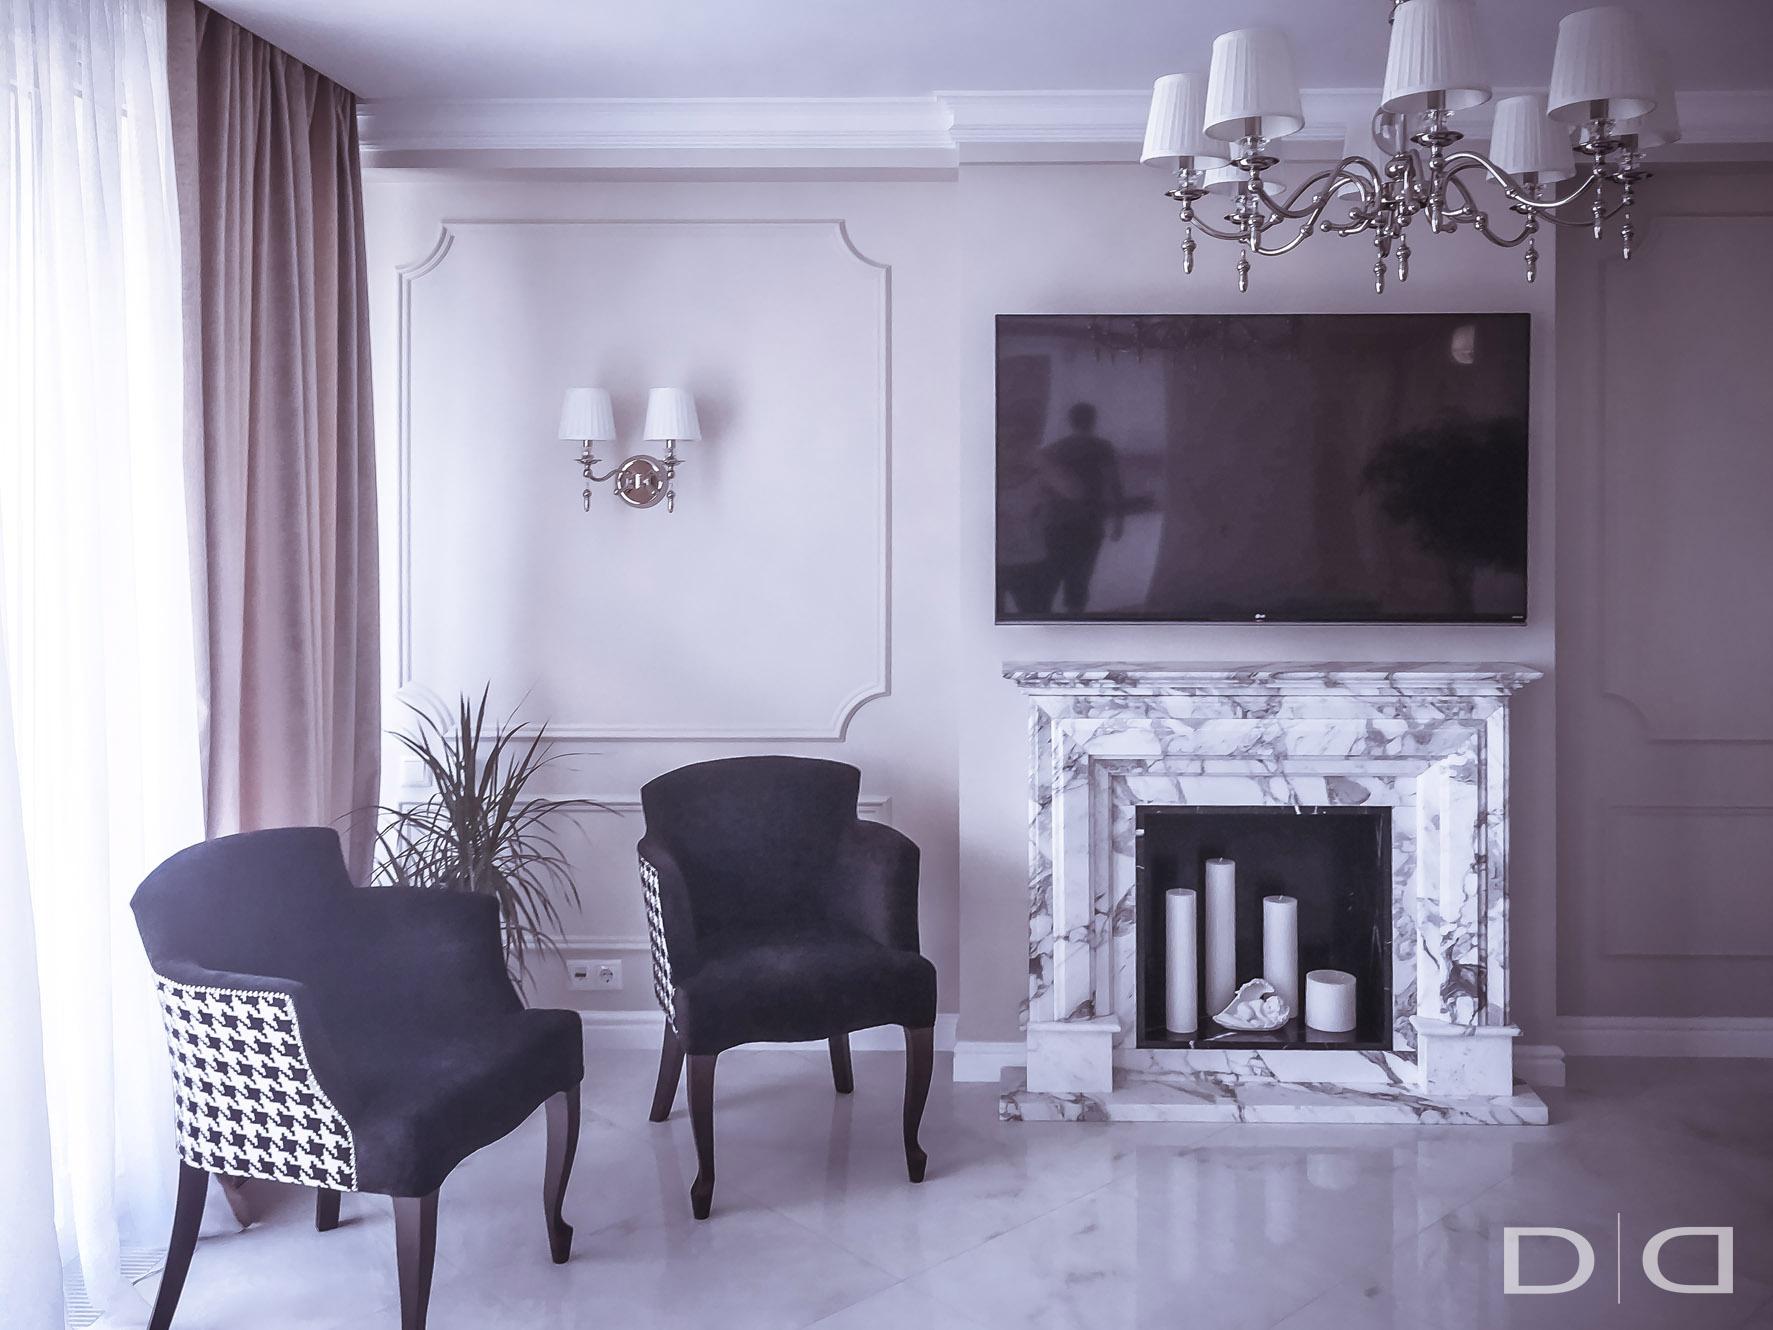 101_dd-interior_studio_design_project_minsk_009-15